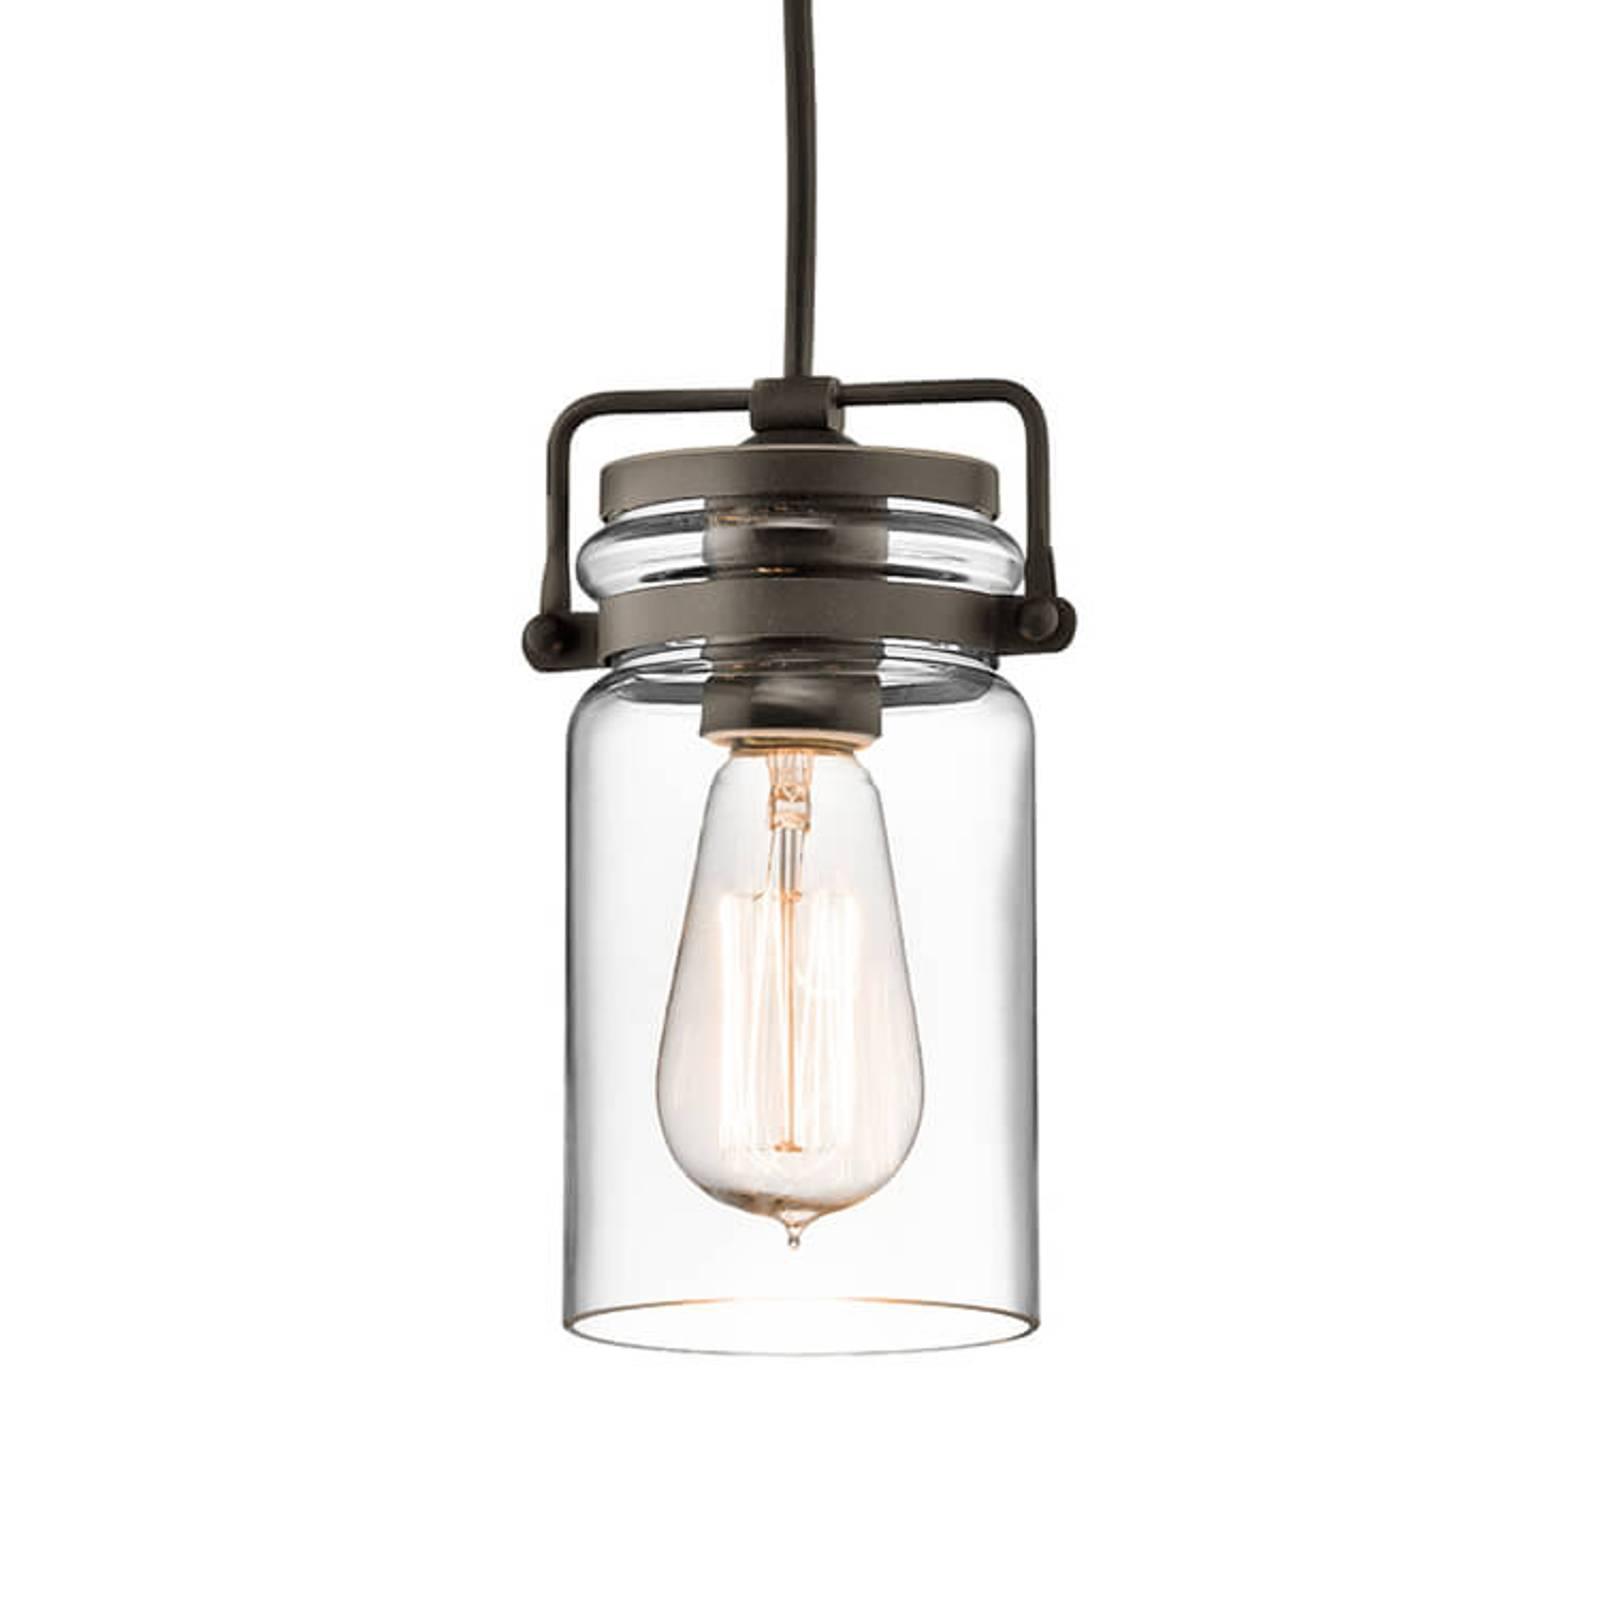 Suspension en verre Brinley à 1 lampe